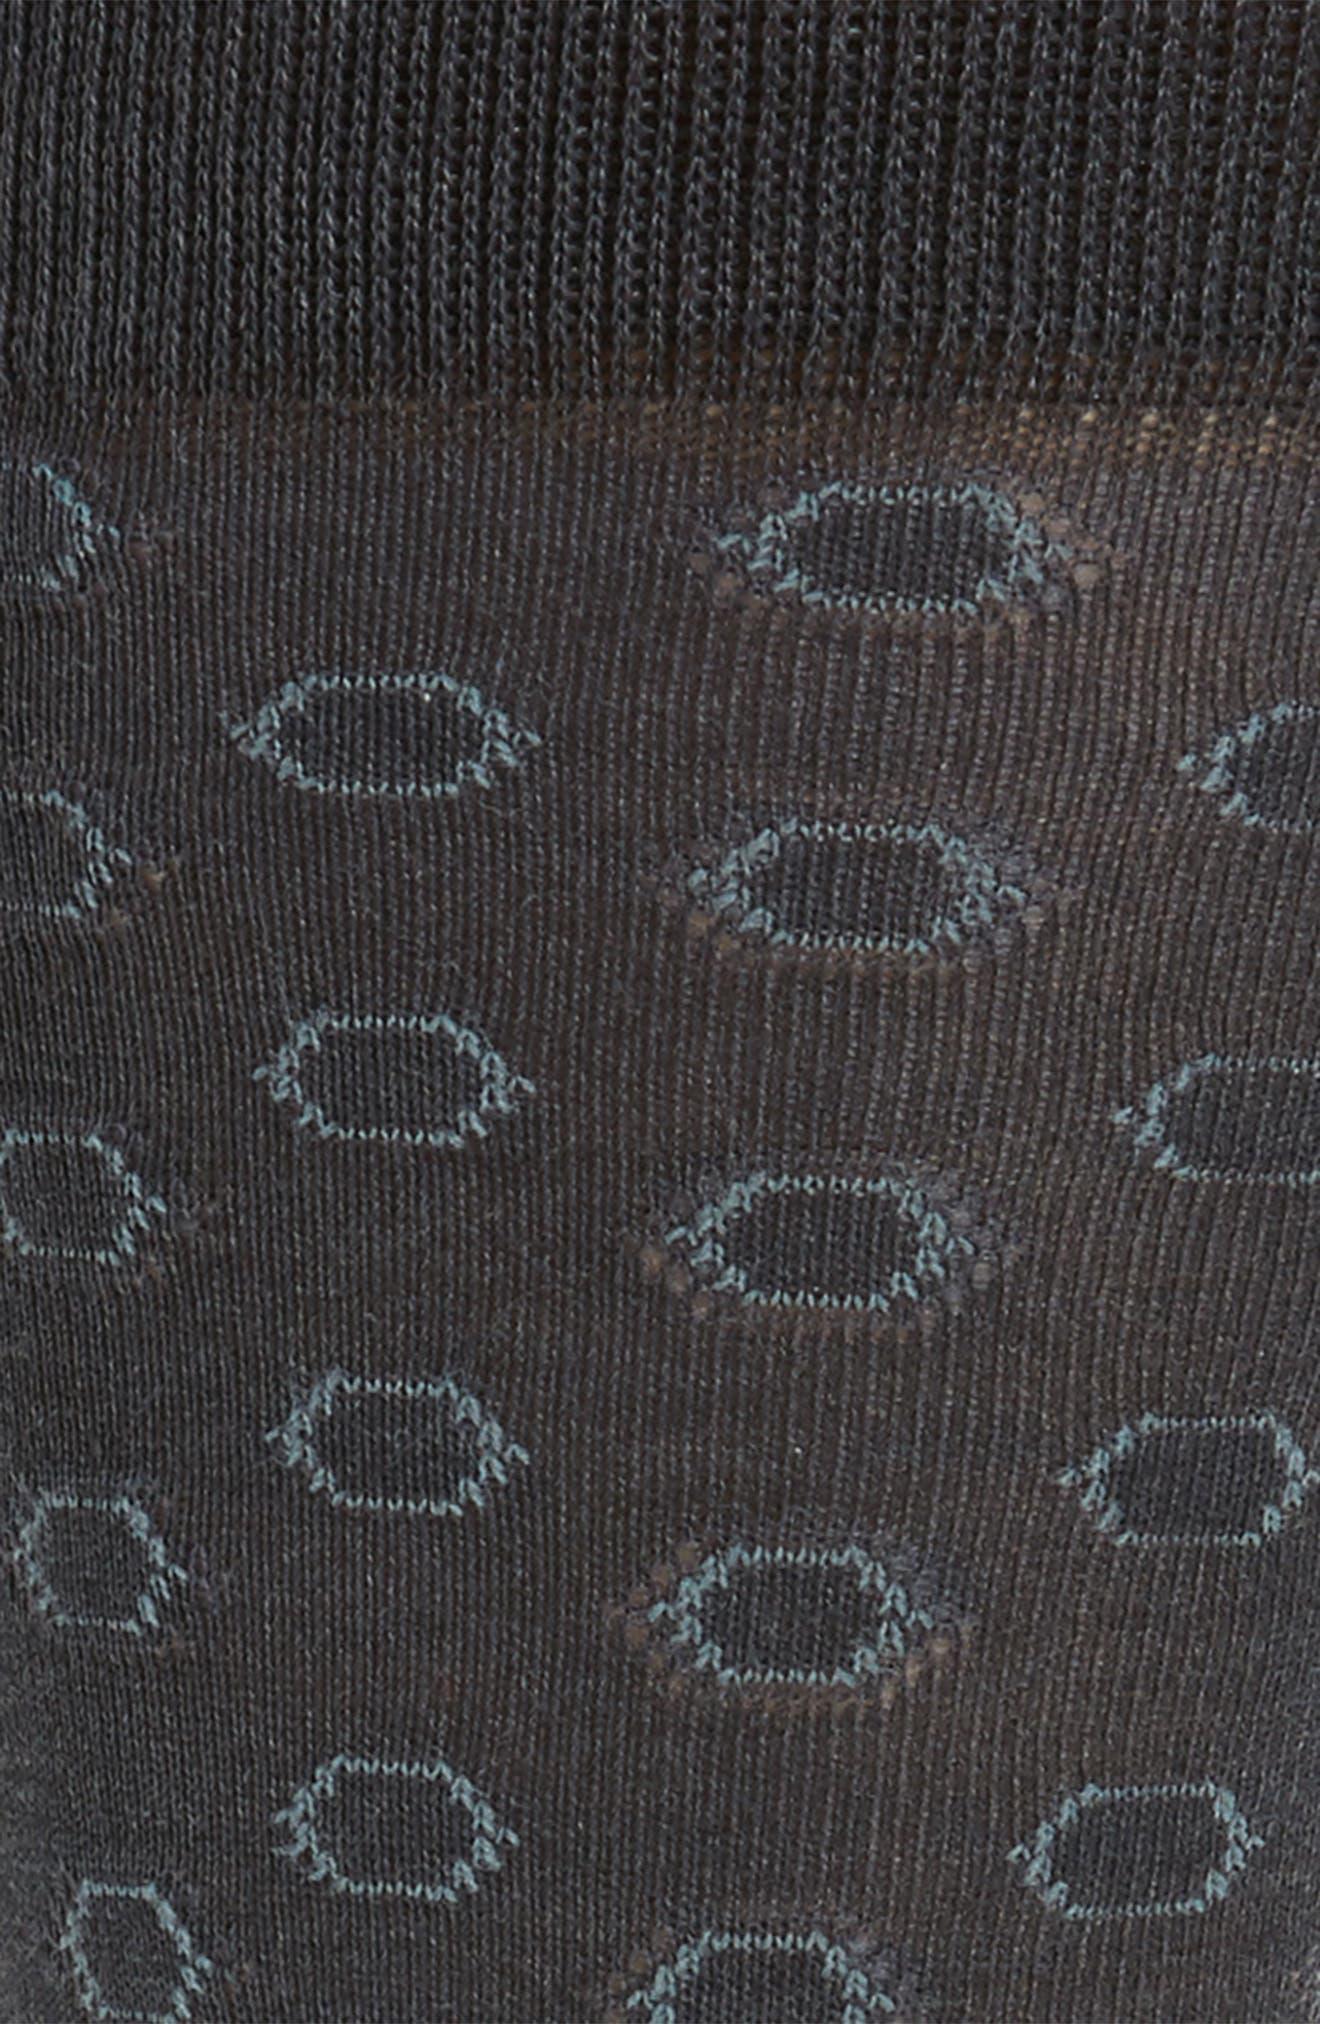 Hexagon Socks,                             Alternate thumbnail 2, color,                             021